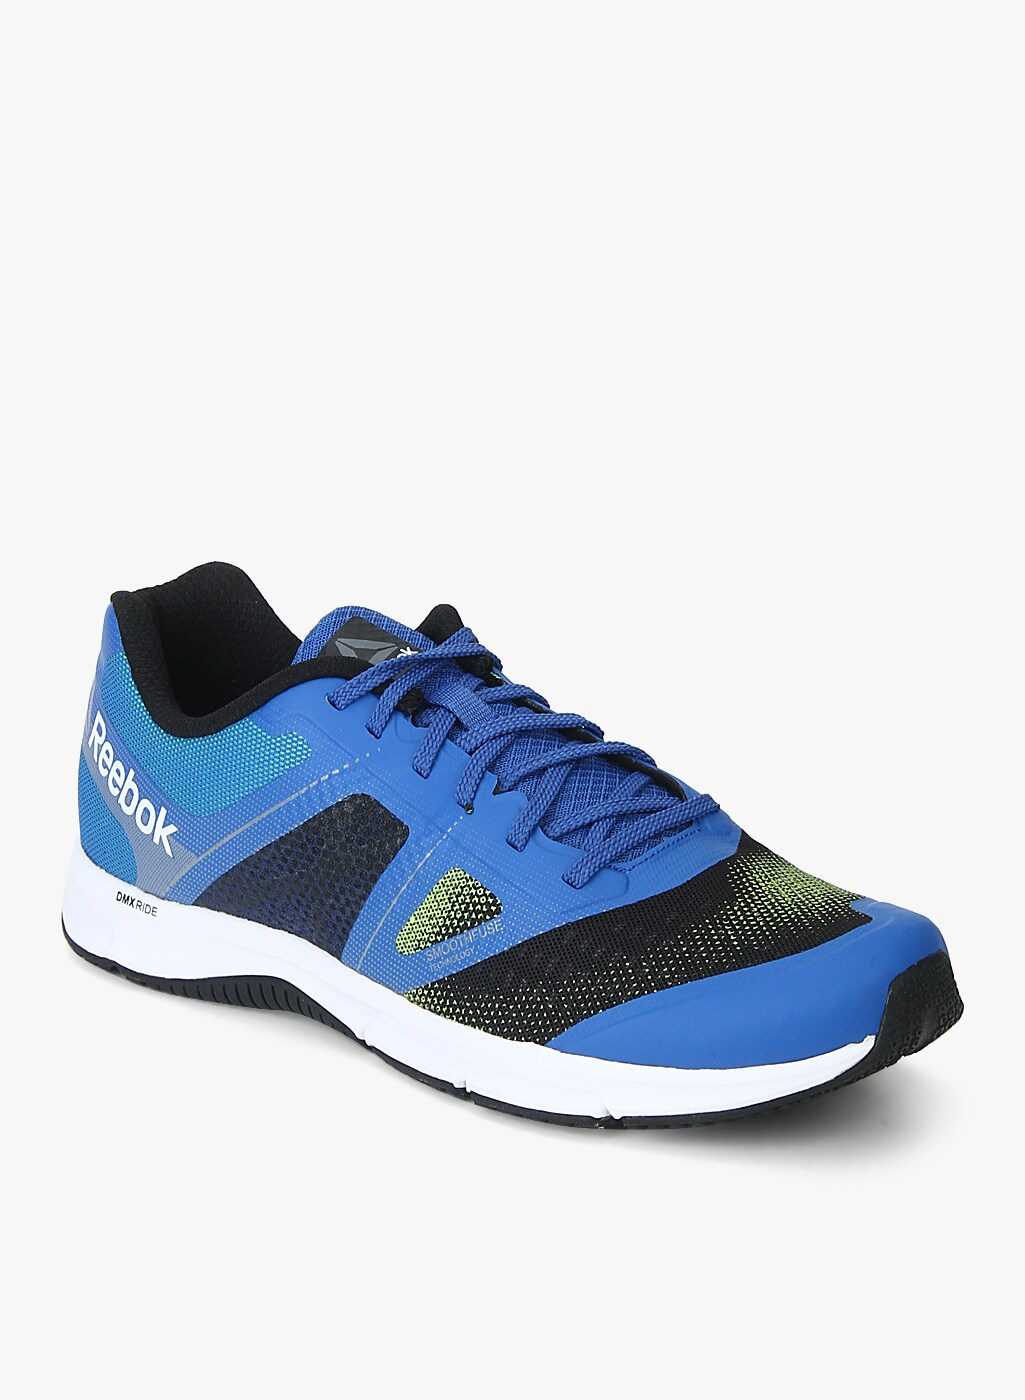 da0859cc10e Reebok Shoes Wallets - Buy Reebok Shoes Wallets online in India